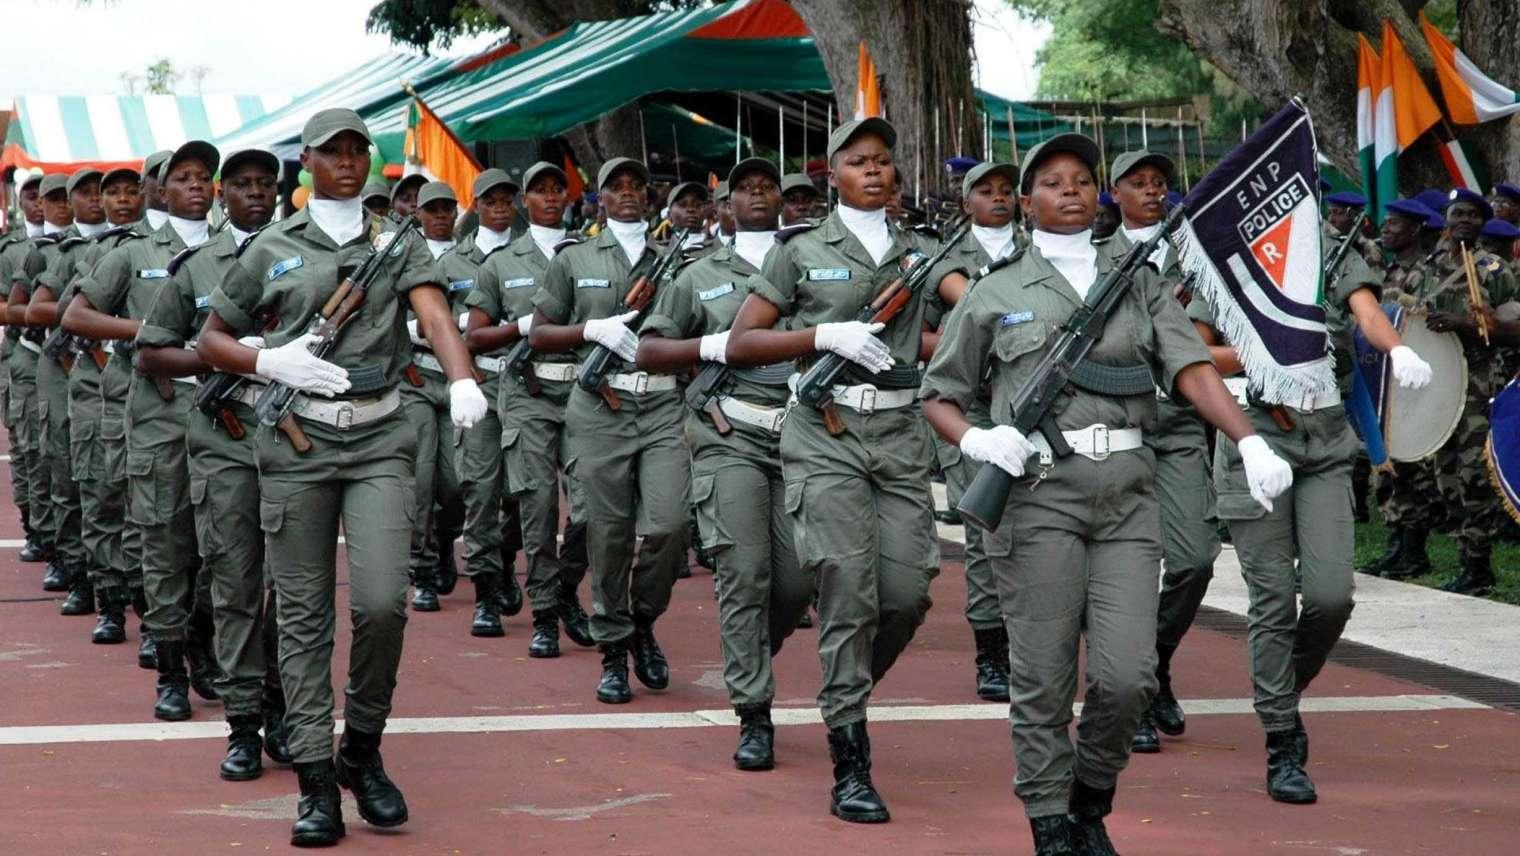 Côte d'Ivoire : vers un taux de 30% de militaires femmes ?